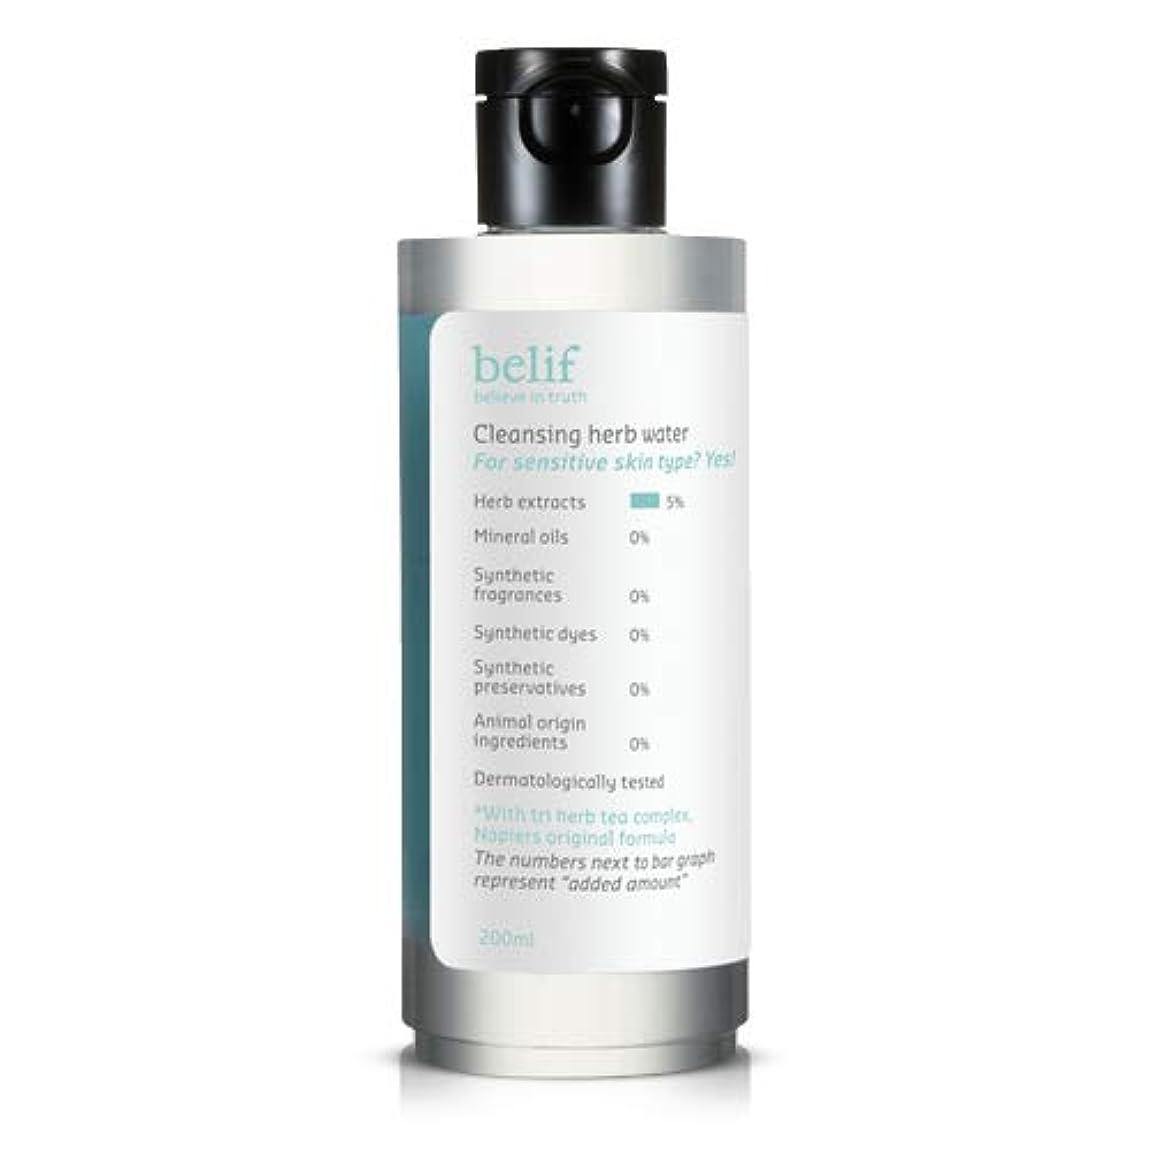 無数のグラマー対処[BELIF/ベリフ]クレンジングハーブウォーター(200ml)韓国の有名化粧品ブランドの人気クレンジングウォーター肌の洗浄スキンケア